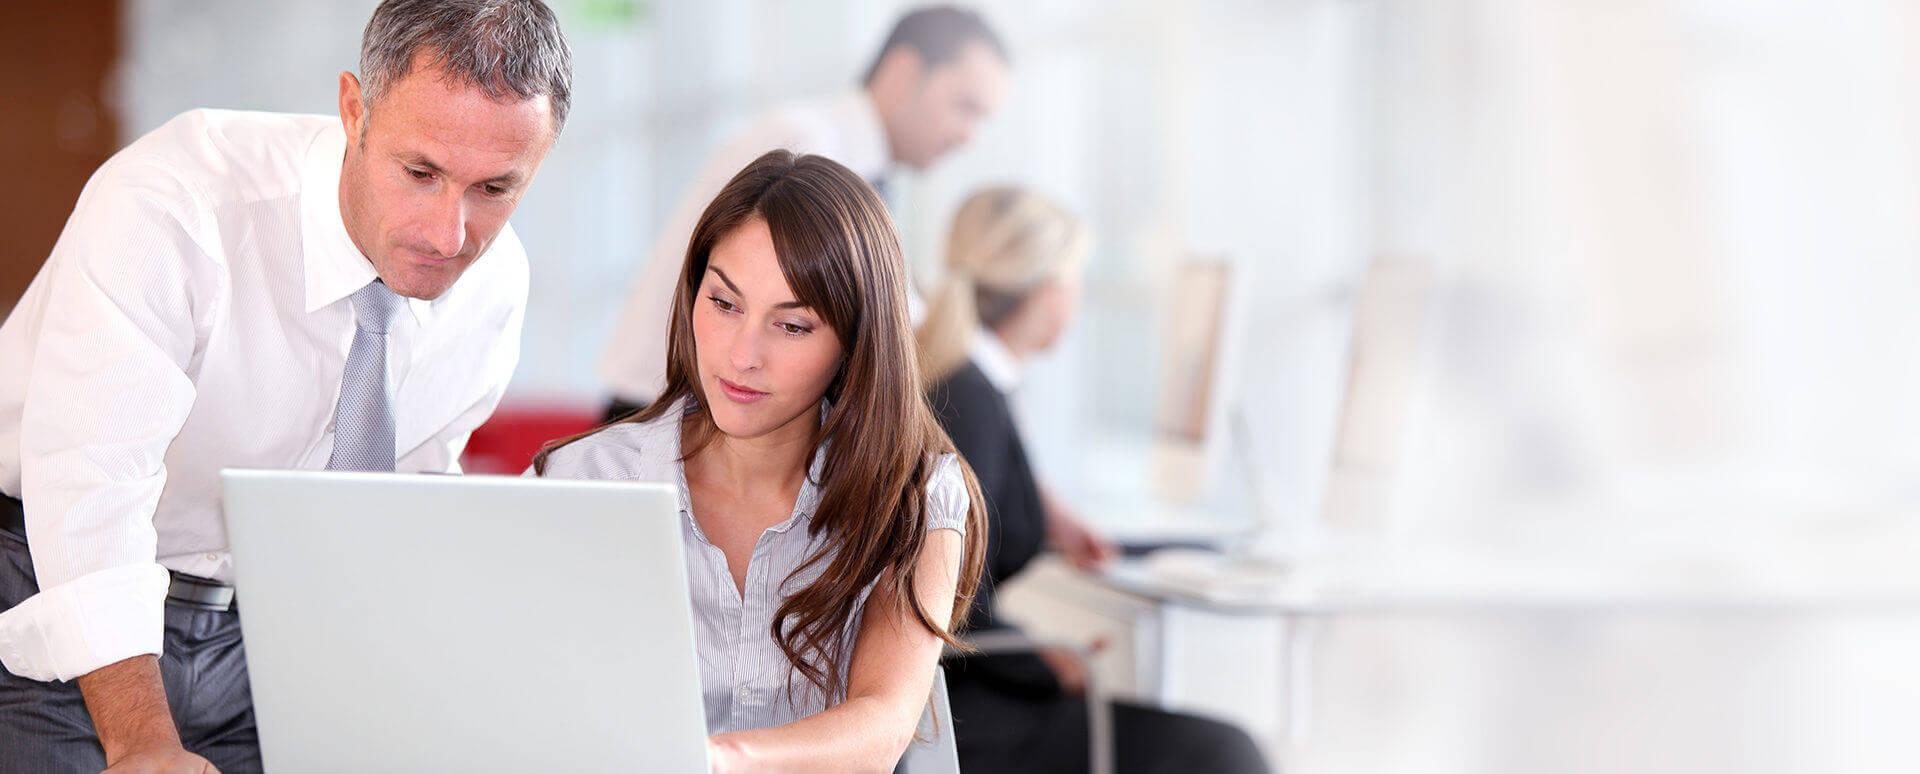 טיפים לניהול עובדים עם חברת X2Y ייעוץ וליווי עסקים